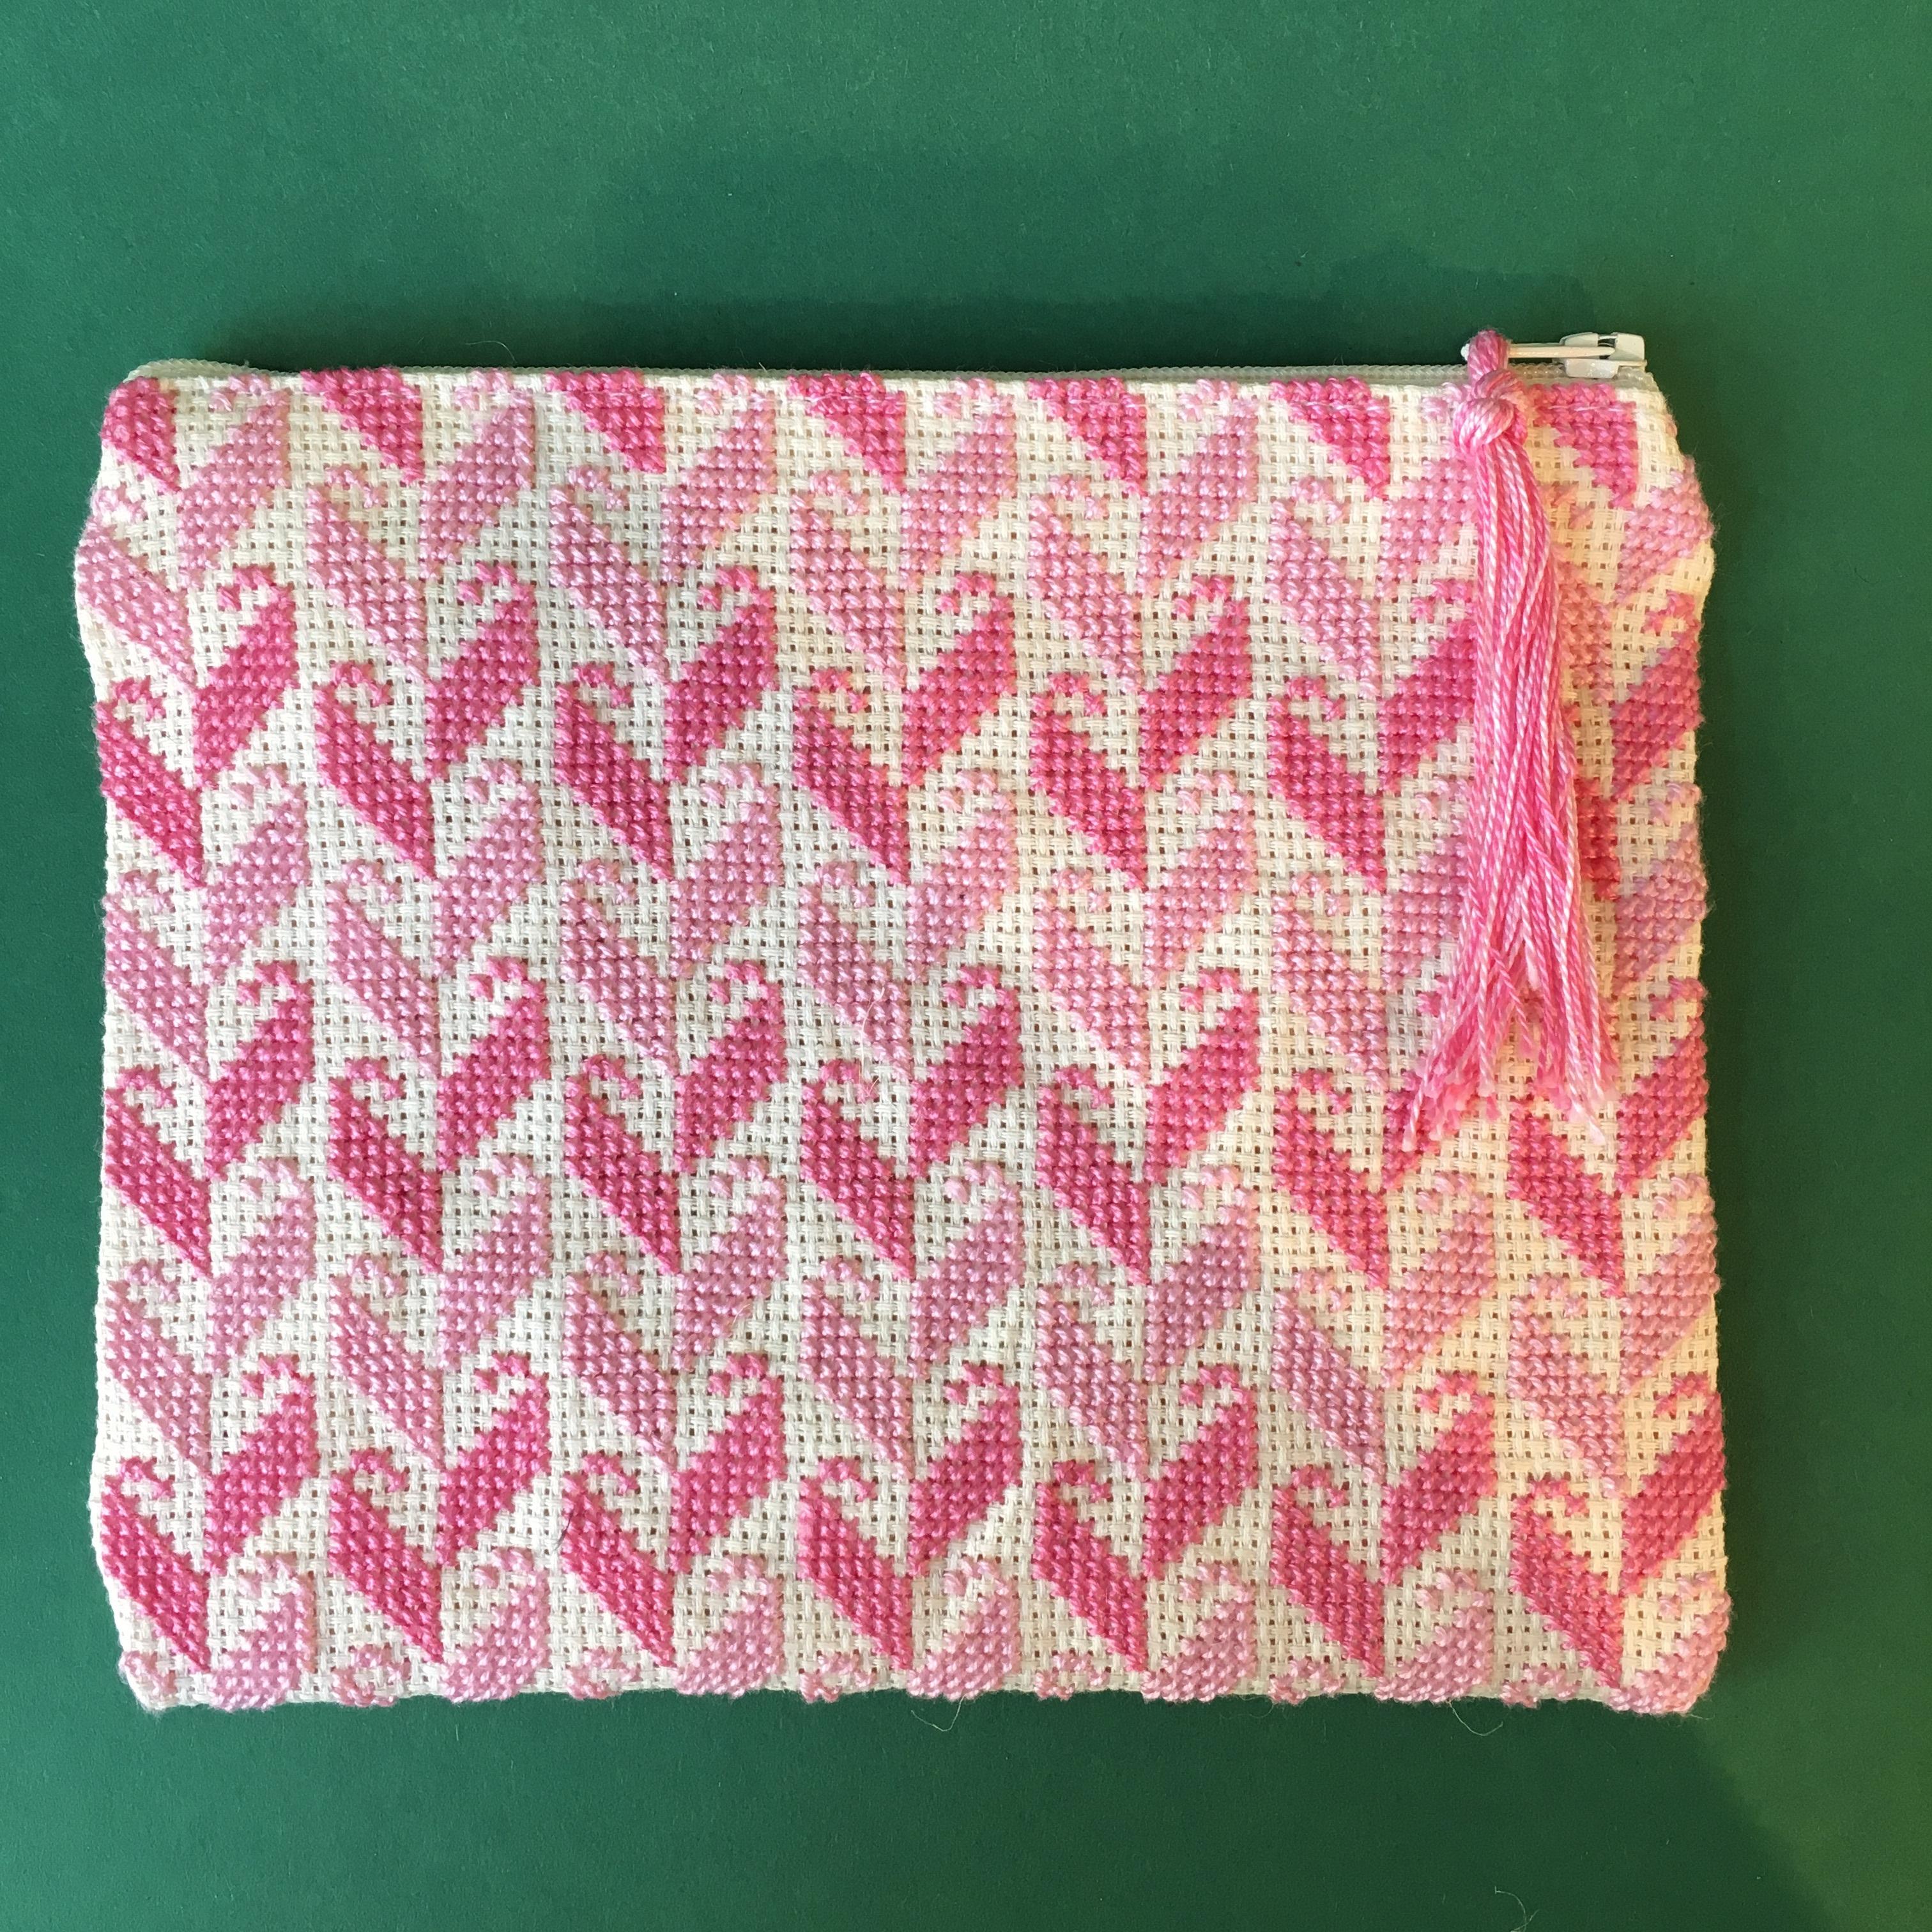 Stor brodert pung, hvit og rosa